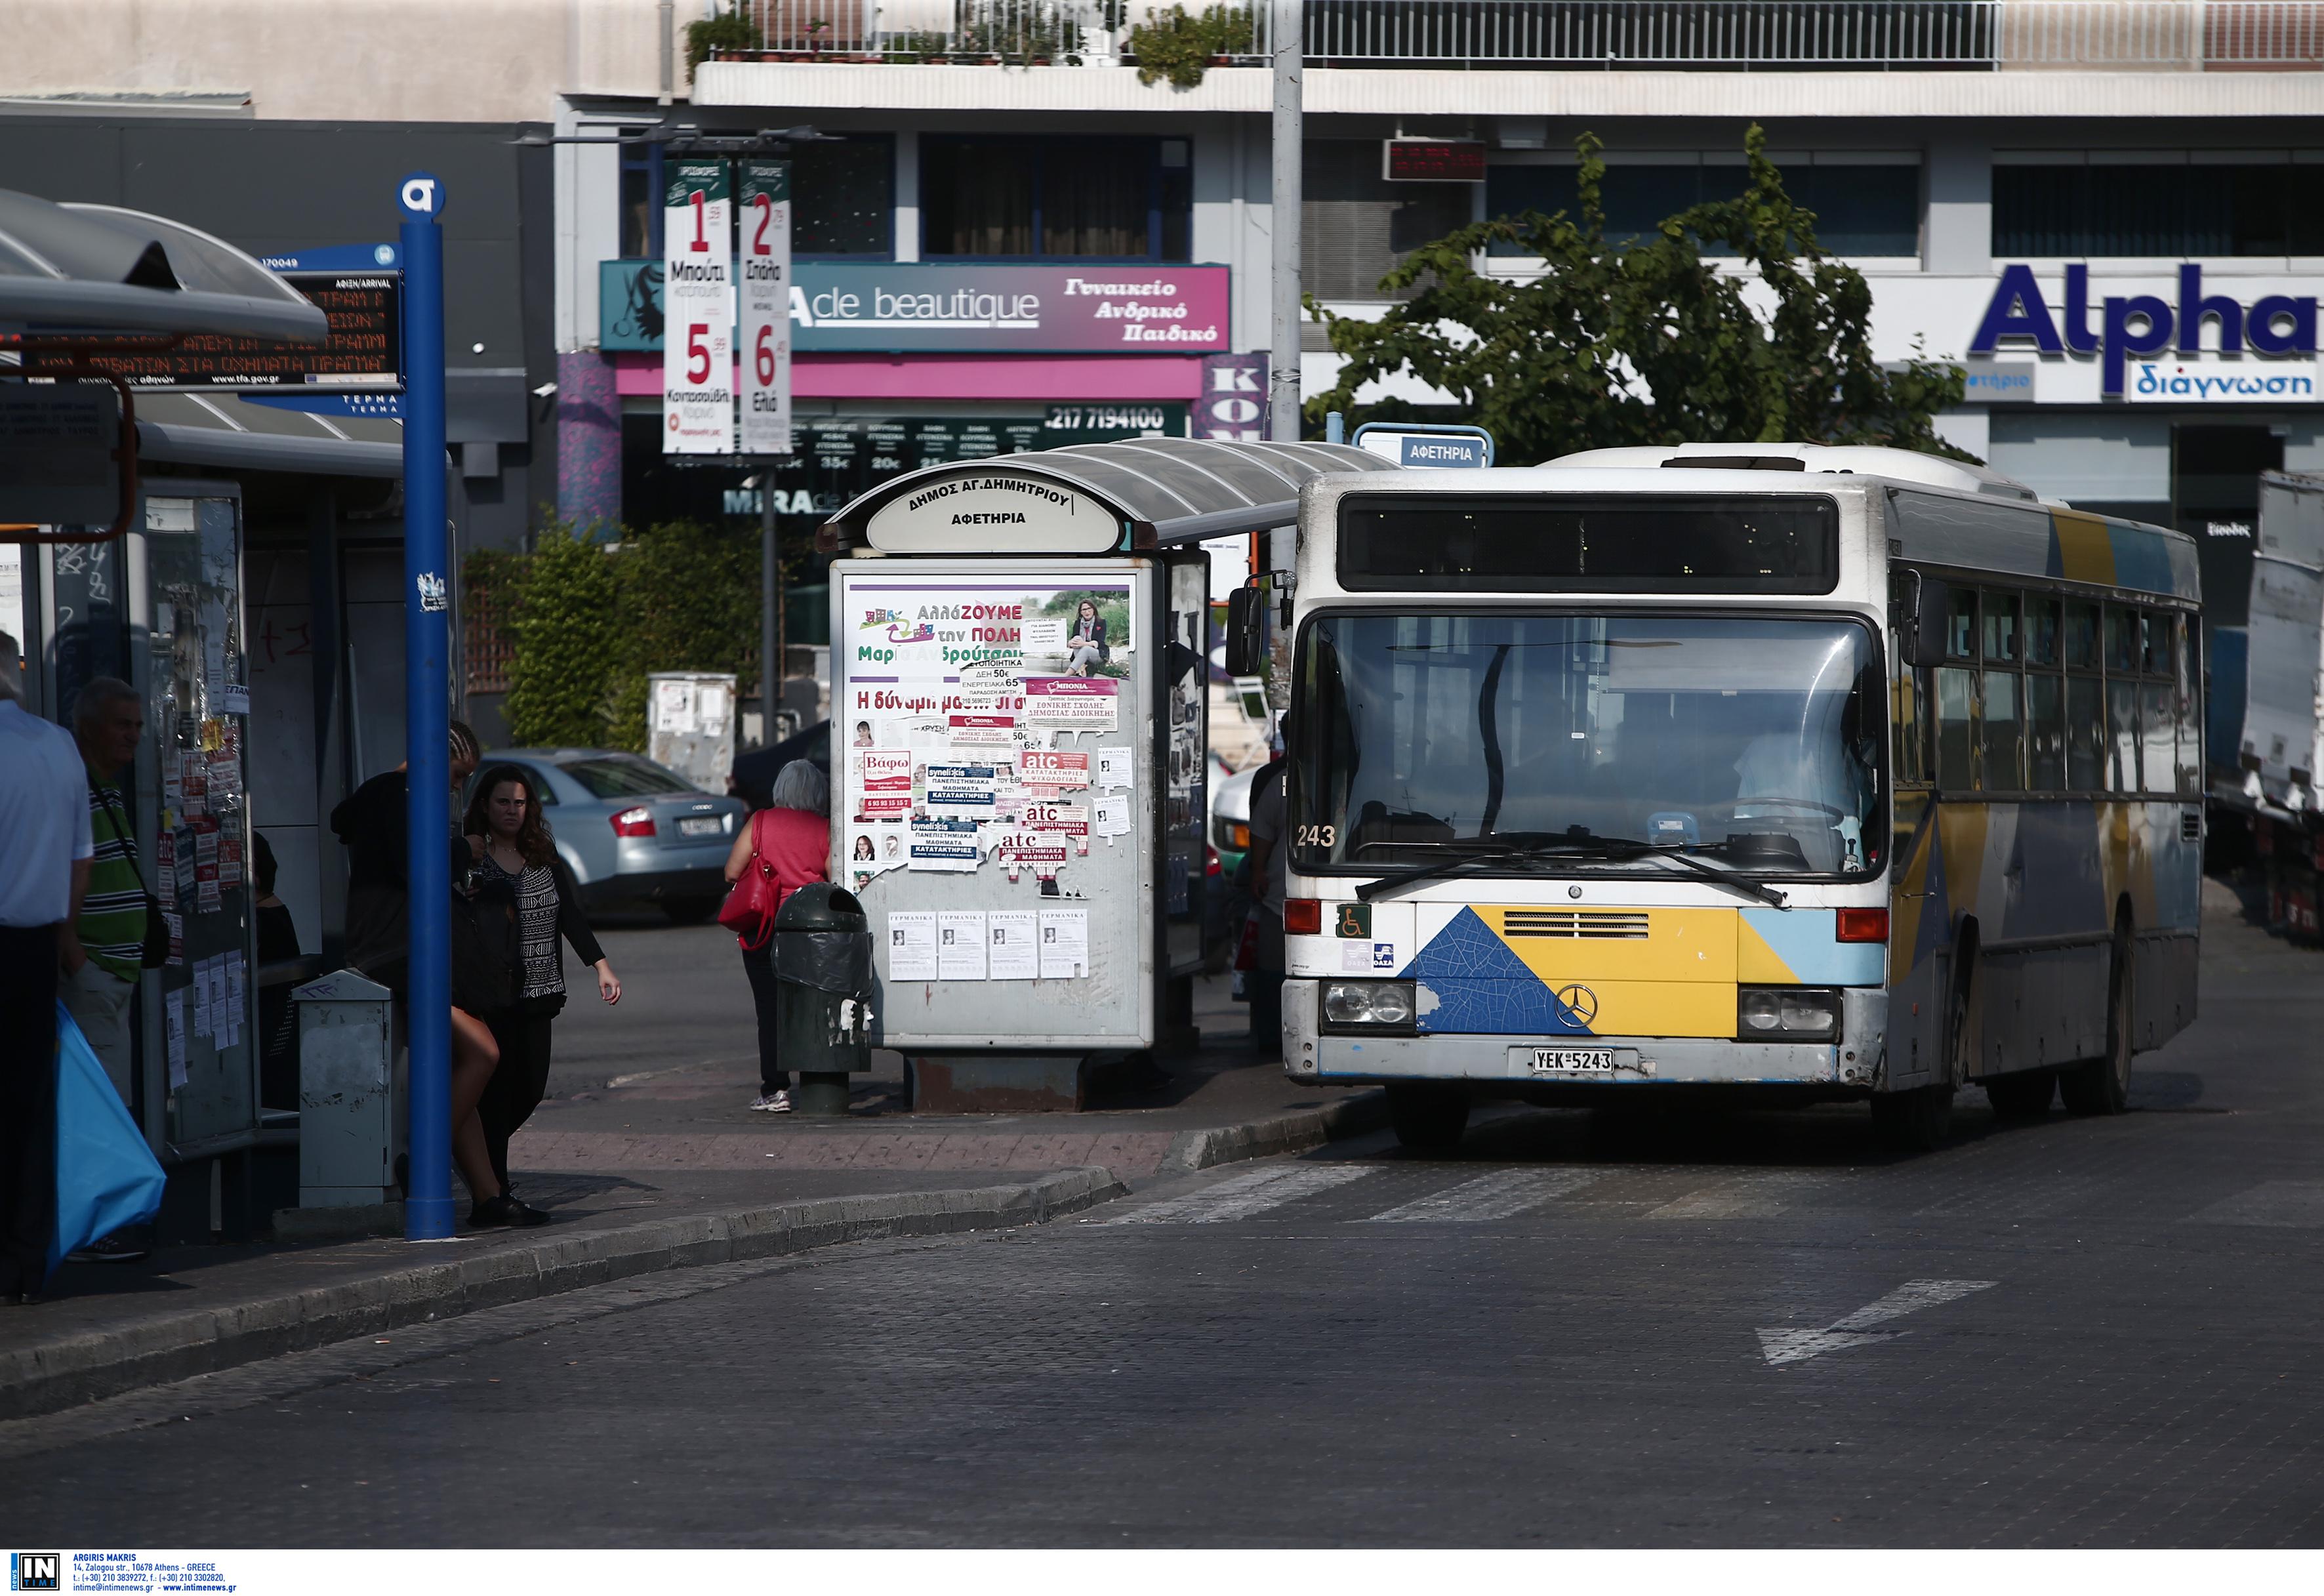 24ωρος απεργιακός πυρετός - Ποιοι συμμετέχουν στην απεργία - Πως θα κινηθούν τα Μέσα Μαζικής Μεταφοράς